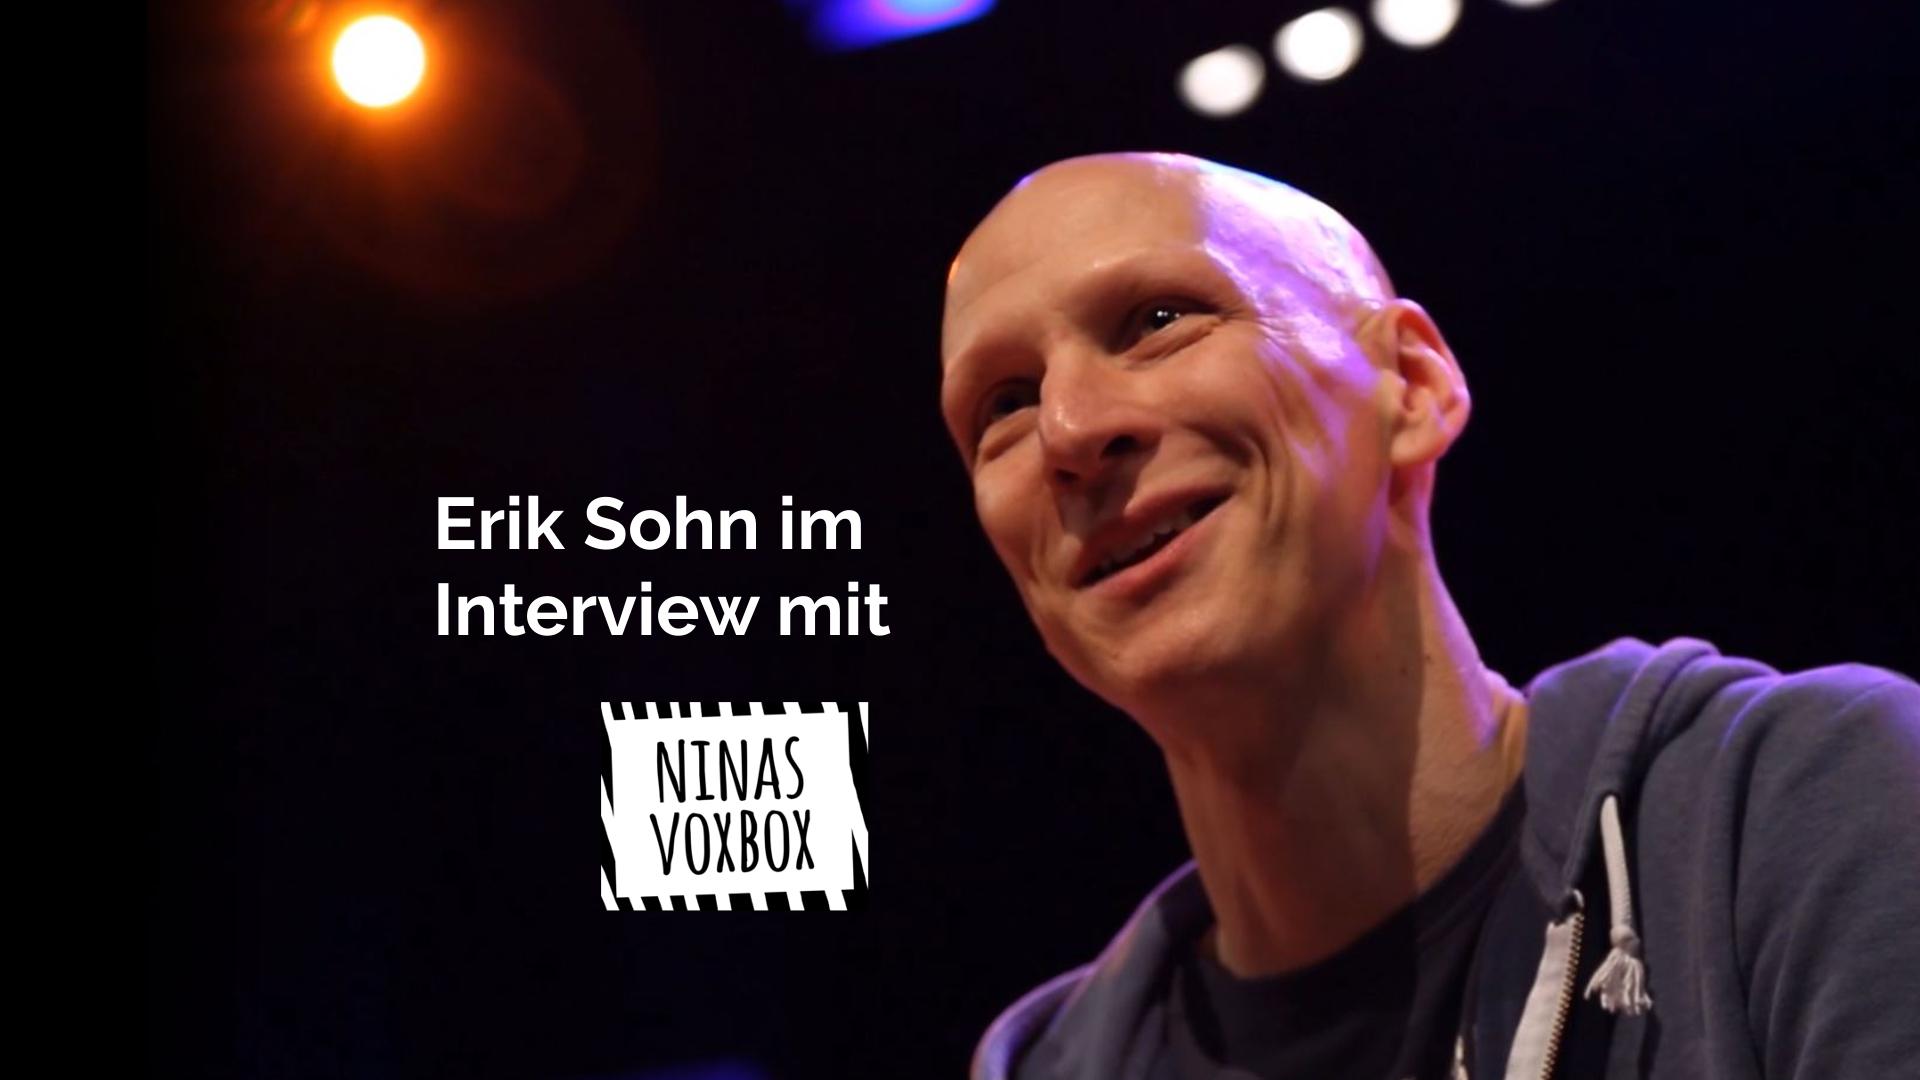 Erik Sohn im Interview